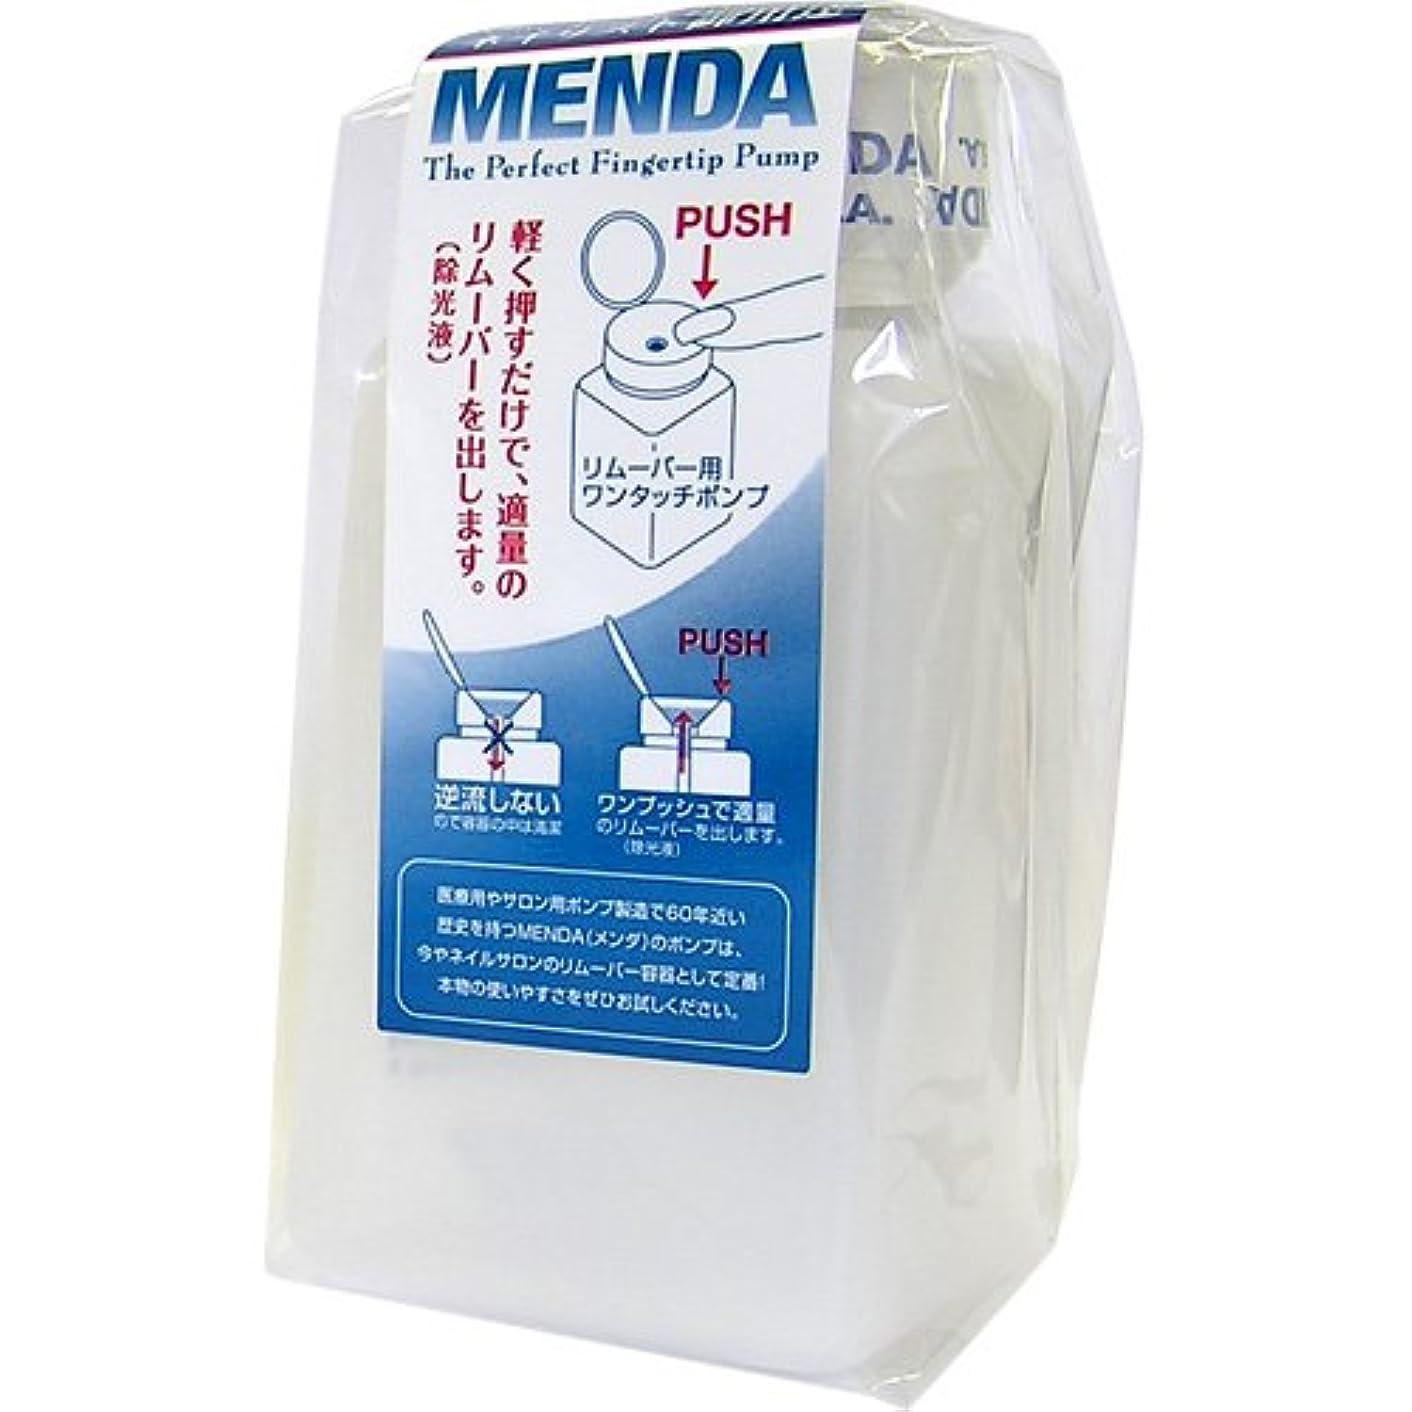 圧縮する模倣ハンカチメンダ<MENDA>リムーバー用ワンタッチポンプ180ml(6oz)